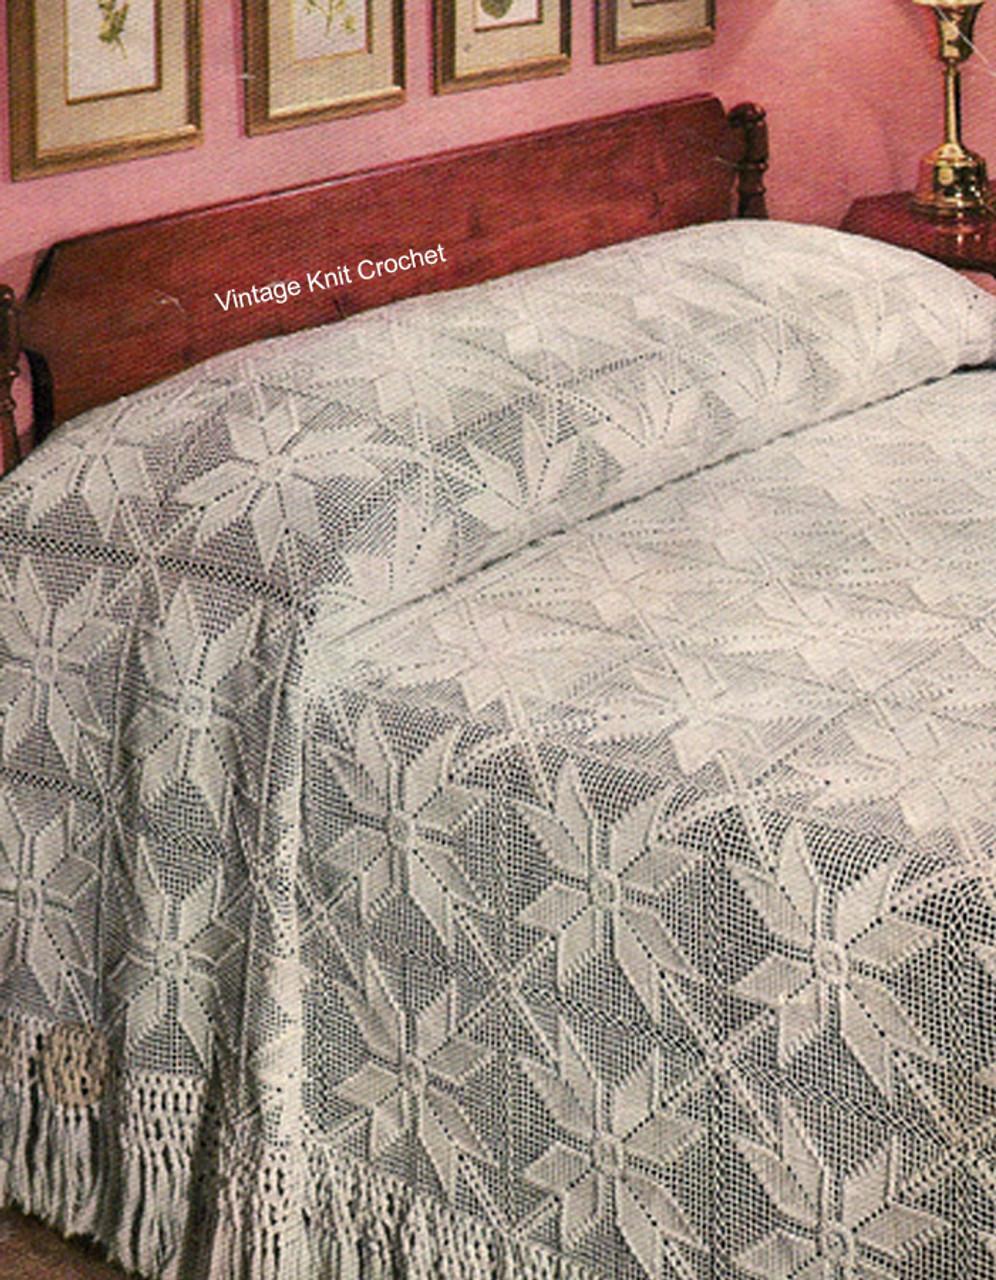 Crochet Star Motif Bedspread Pattern